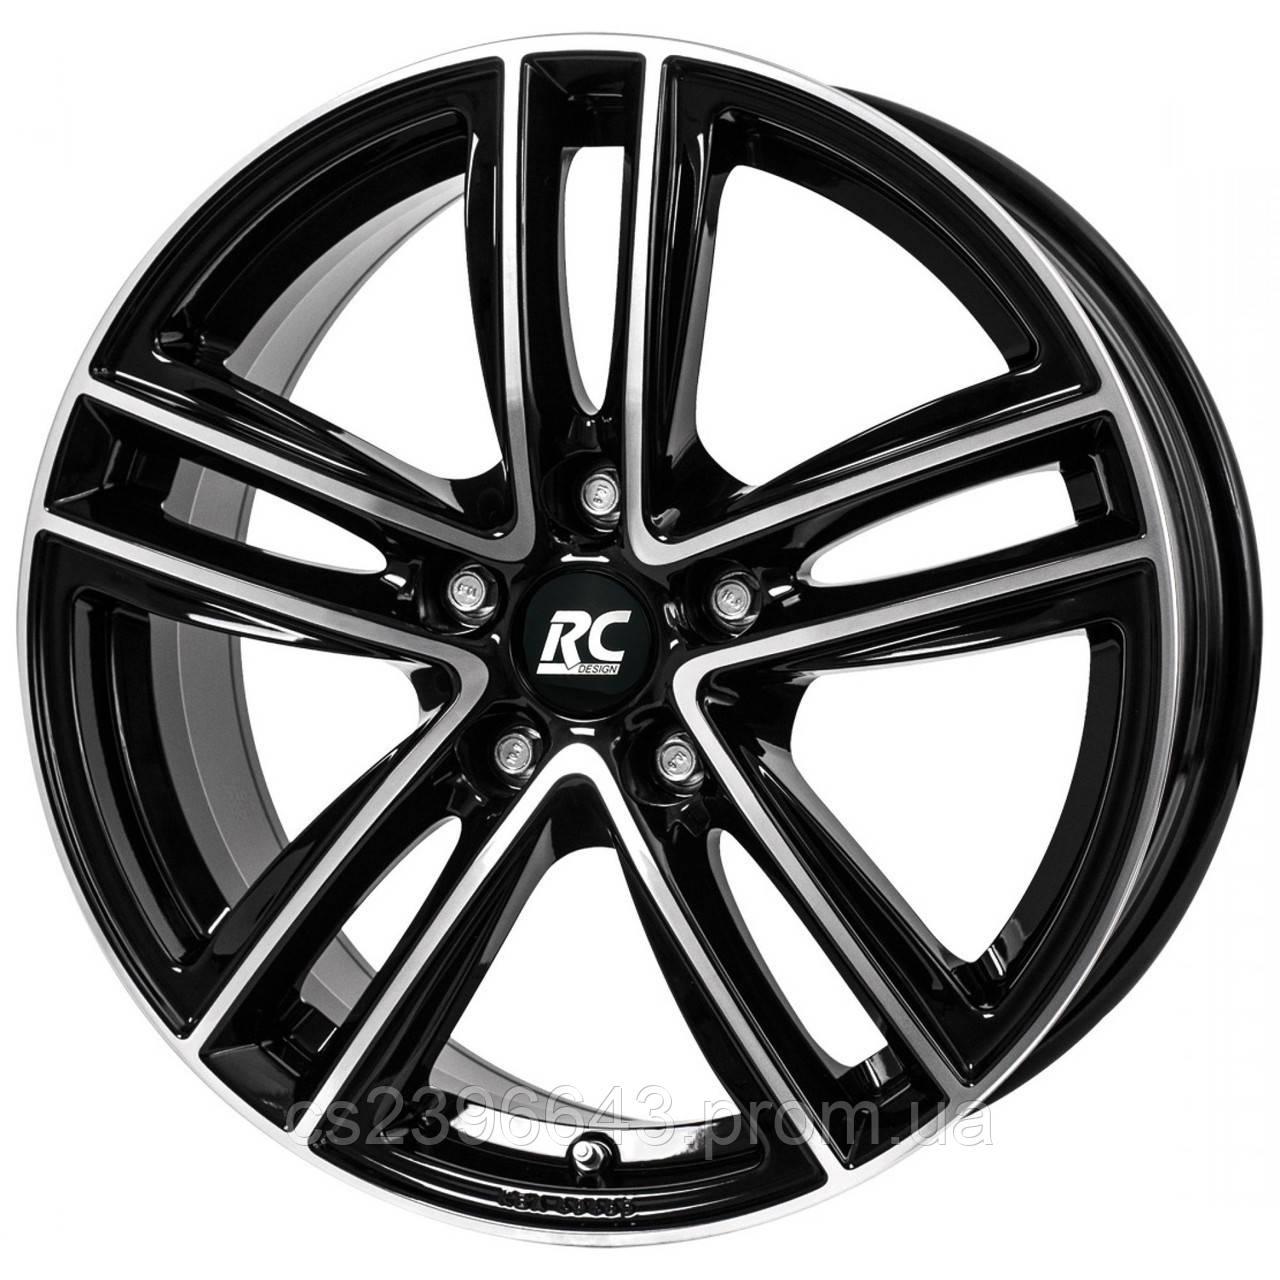 Колесный диск RC Design RC27 18x8 ET25